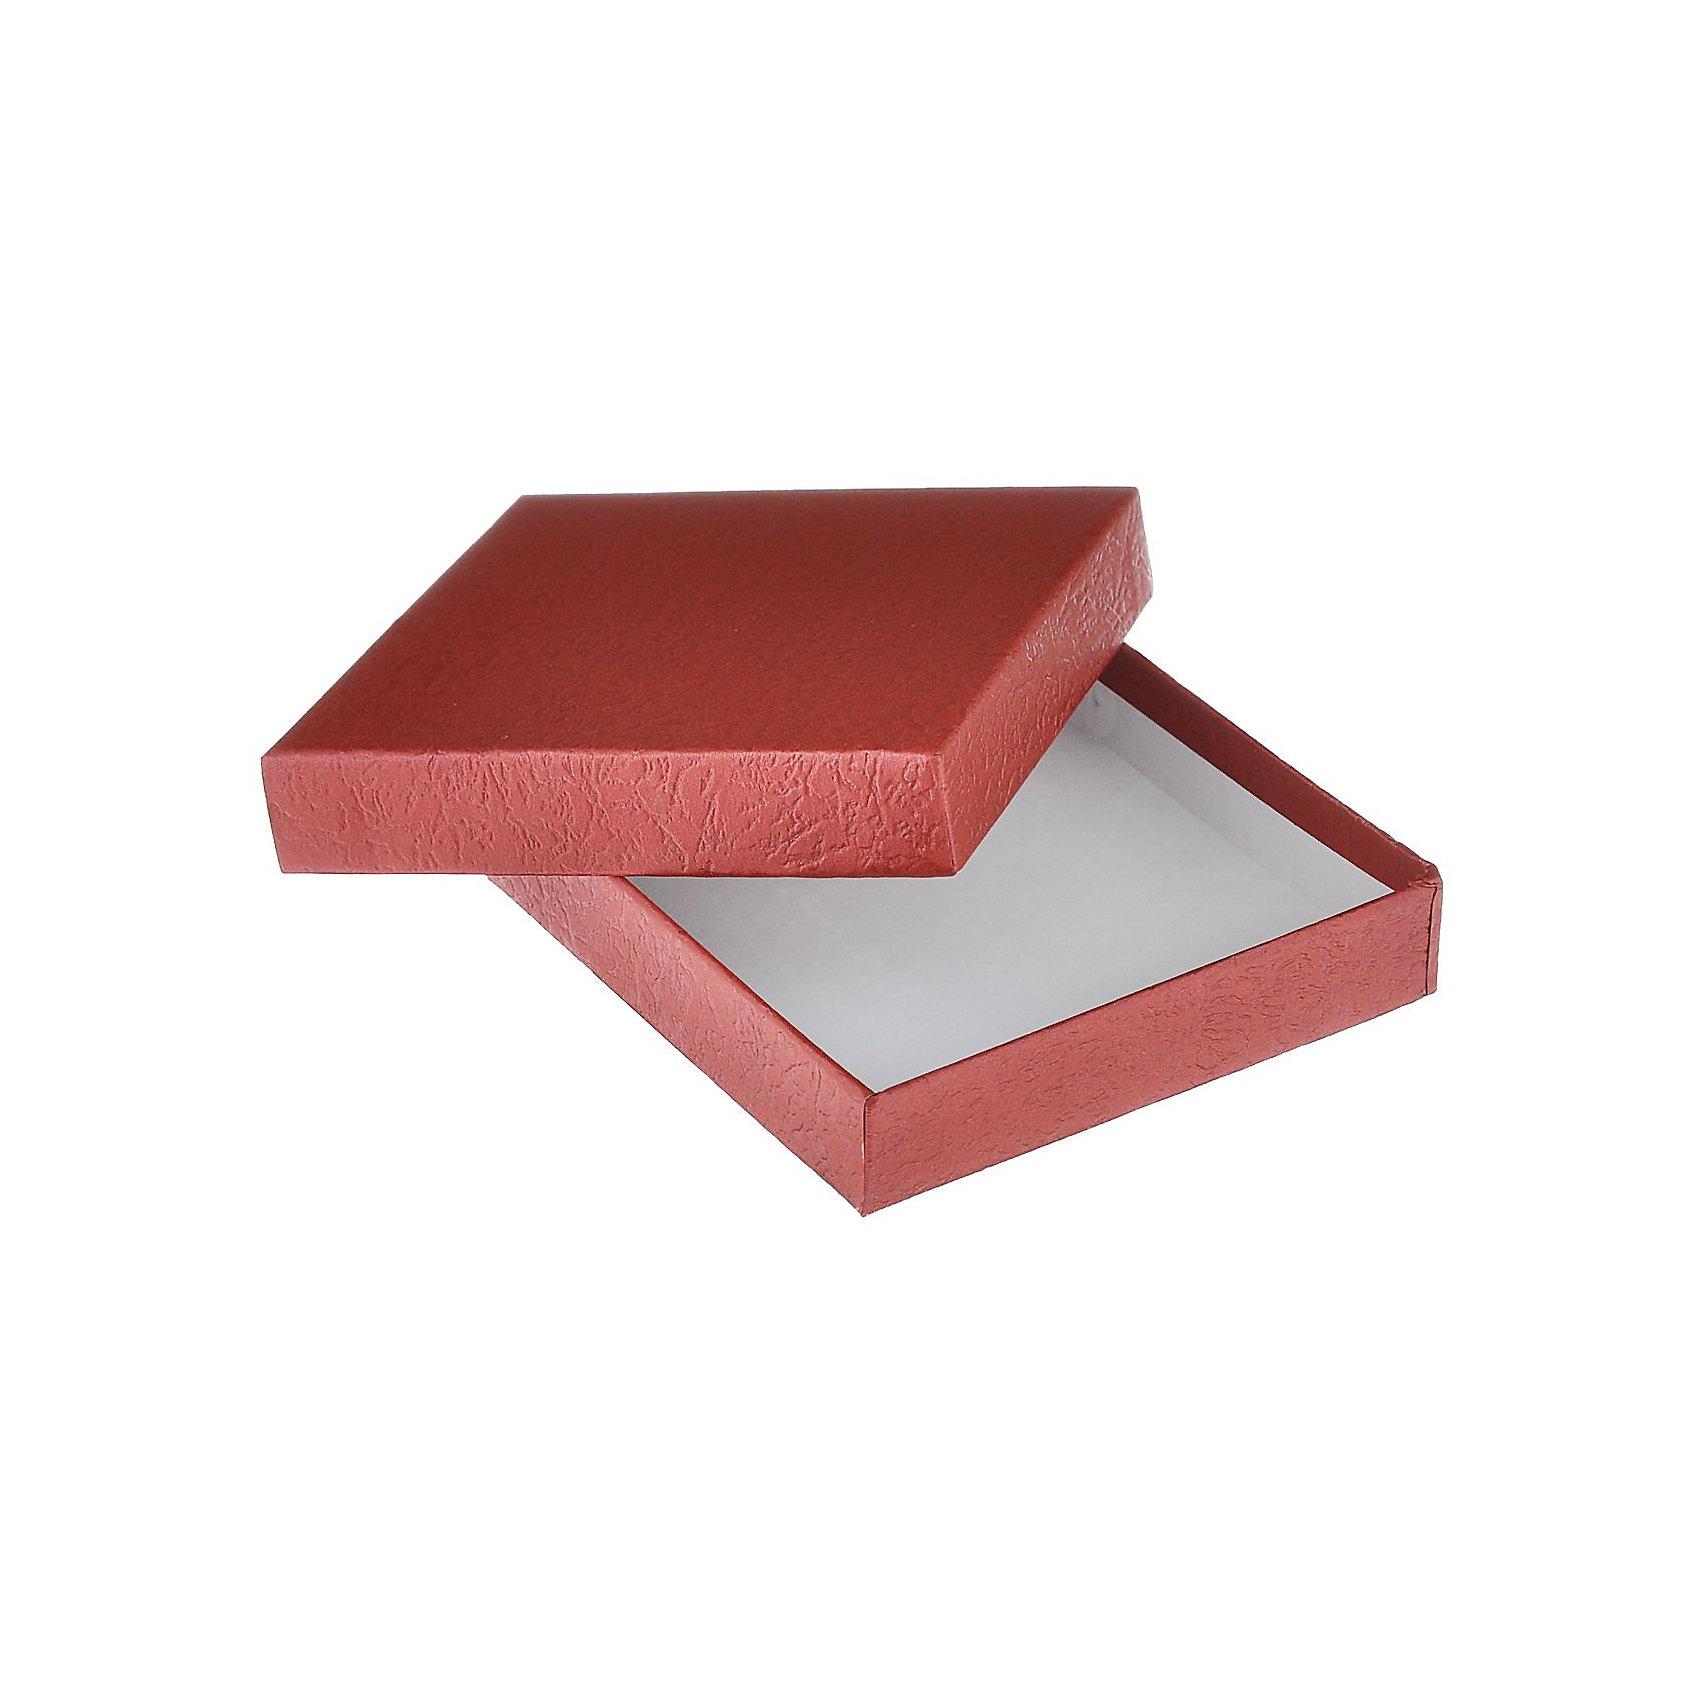 Подарочная коробка АЛЫЙ, Феникс-ПрезентПредметы интерьера<br>Подарочная коробка АЛЫЙ, Феникс-Презент<br><br>Характеристики:<br><br>• практичная коробка для подарков и хранения<br>• изготовлена из мелованного негофрированного картона<br>• размер: 9х9х2 см<br>• цвет: алый<br><br>Подарочная коробка АЛЫЙ очень удобная и практичная. Она отлично подойдет как для упаковки подарка, так и для хранения различных безделушек. Коробка изготовлена из прочного мелованного картона. Такая упаковка поднимет настроение и создаст атмосферу праздника!<br><br>Подарочную коробку АЛЫЙ, Феникс-Презент можно купить в нашем интернет-магазине.<br><br>Ширина мм: 90<br>Глубина мм: 90<br>Высота мм: 20<br>Вес г: 250<br>Возраст от месяцев: 36<br>Возраст до месяцев: 2147483647<br>Пол: Унисекс<br>Возраст: Детский<br>SKU: 5449654